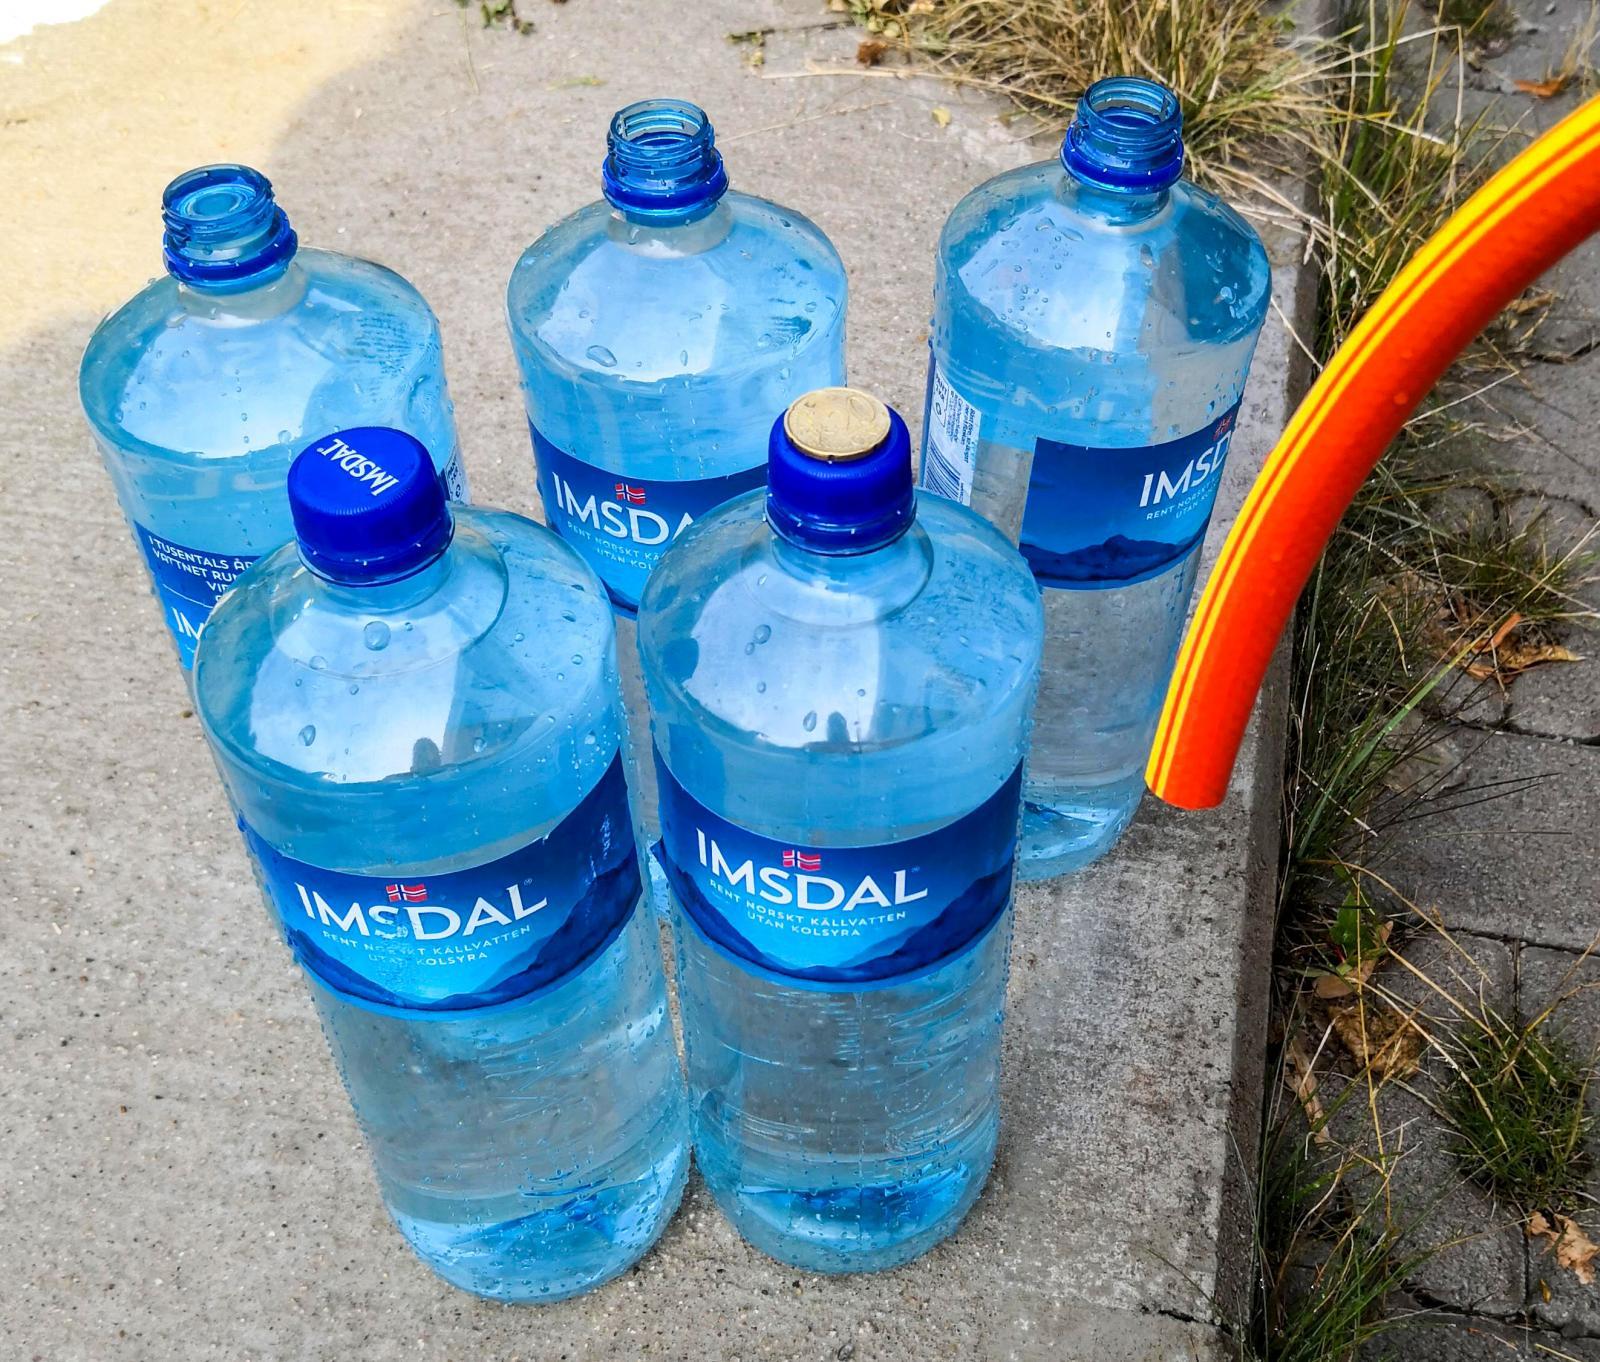 Service betalas med mynt och ställplatsen betalas i närbelägna simhallen. Det gäller att ha tomflaskor redo när husbilen är mätt och man pyntat för 100 liter vatten...